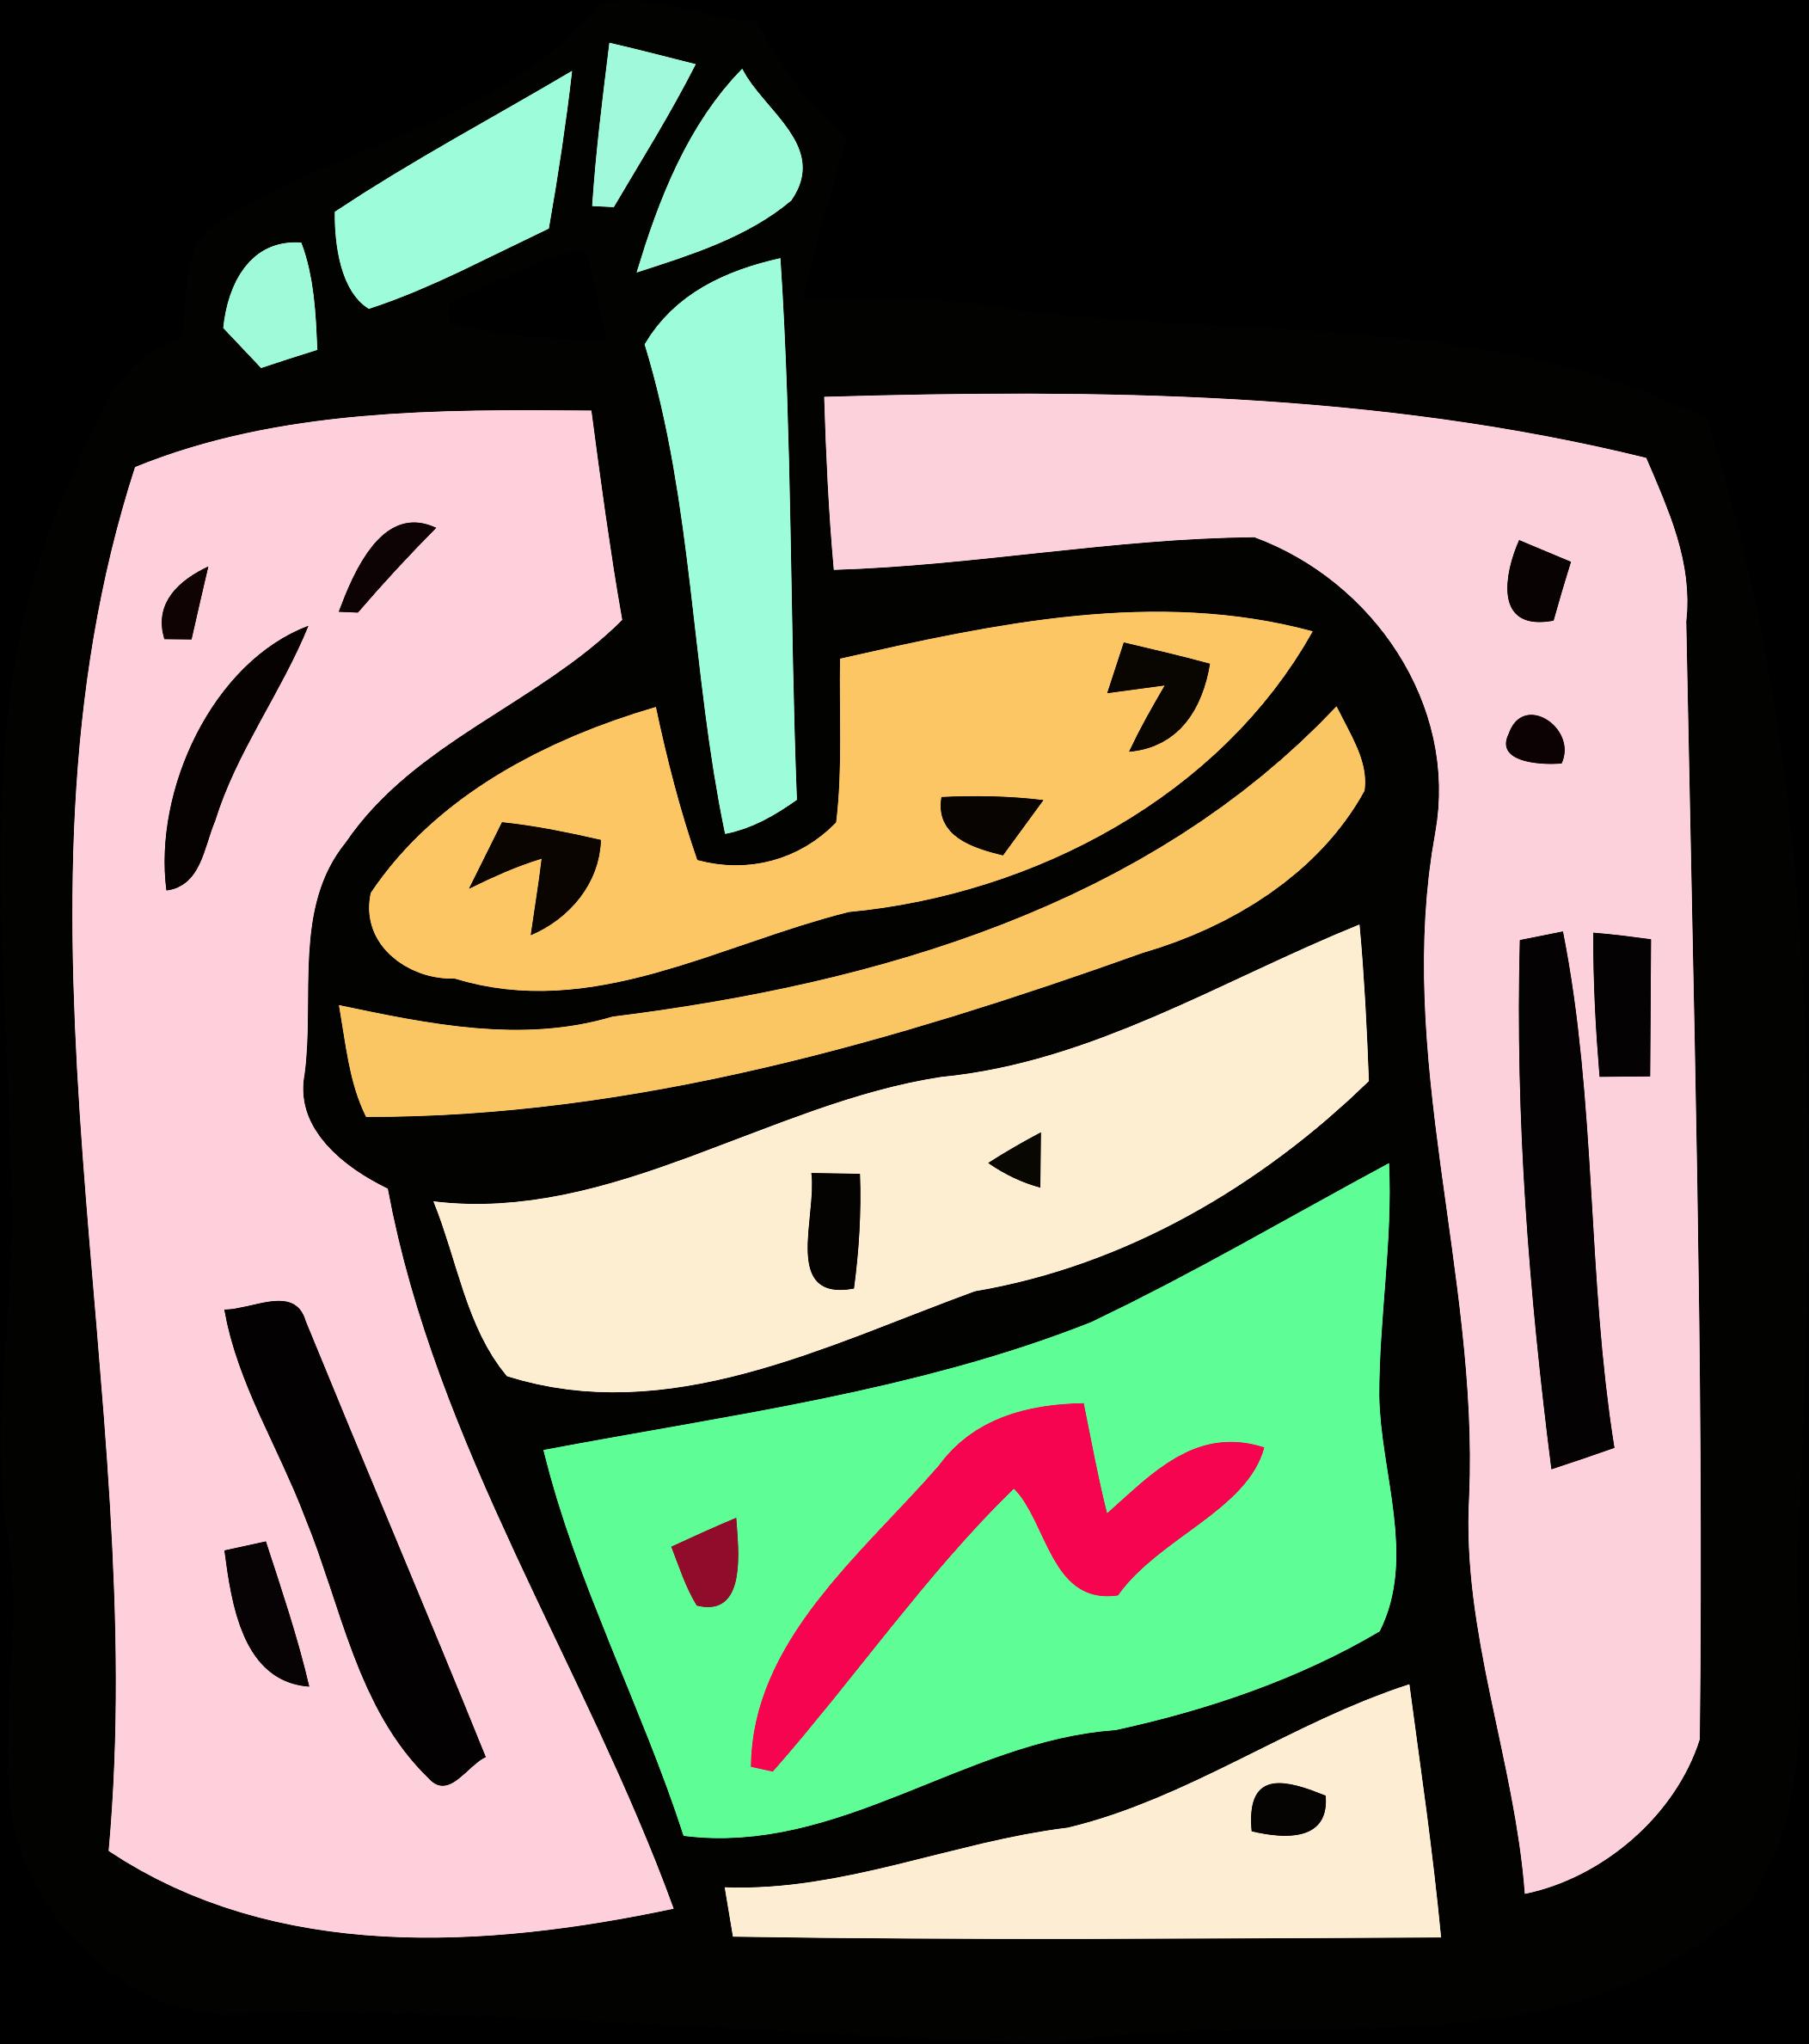 drinks clipart milkshake